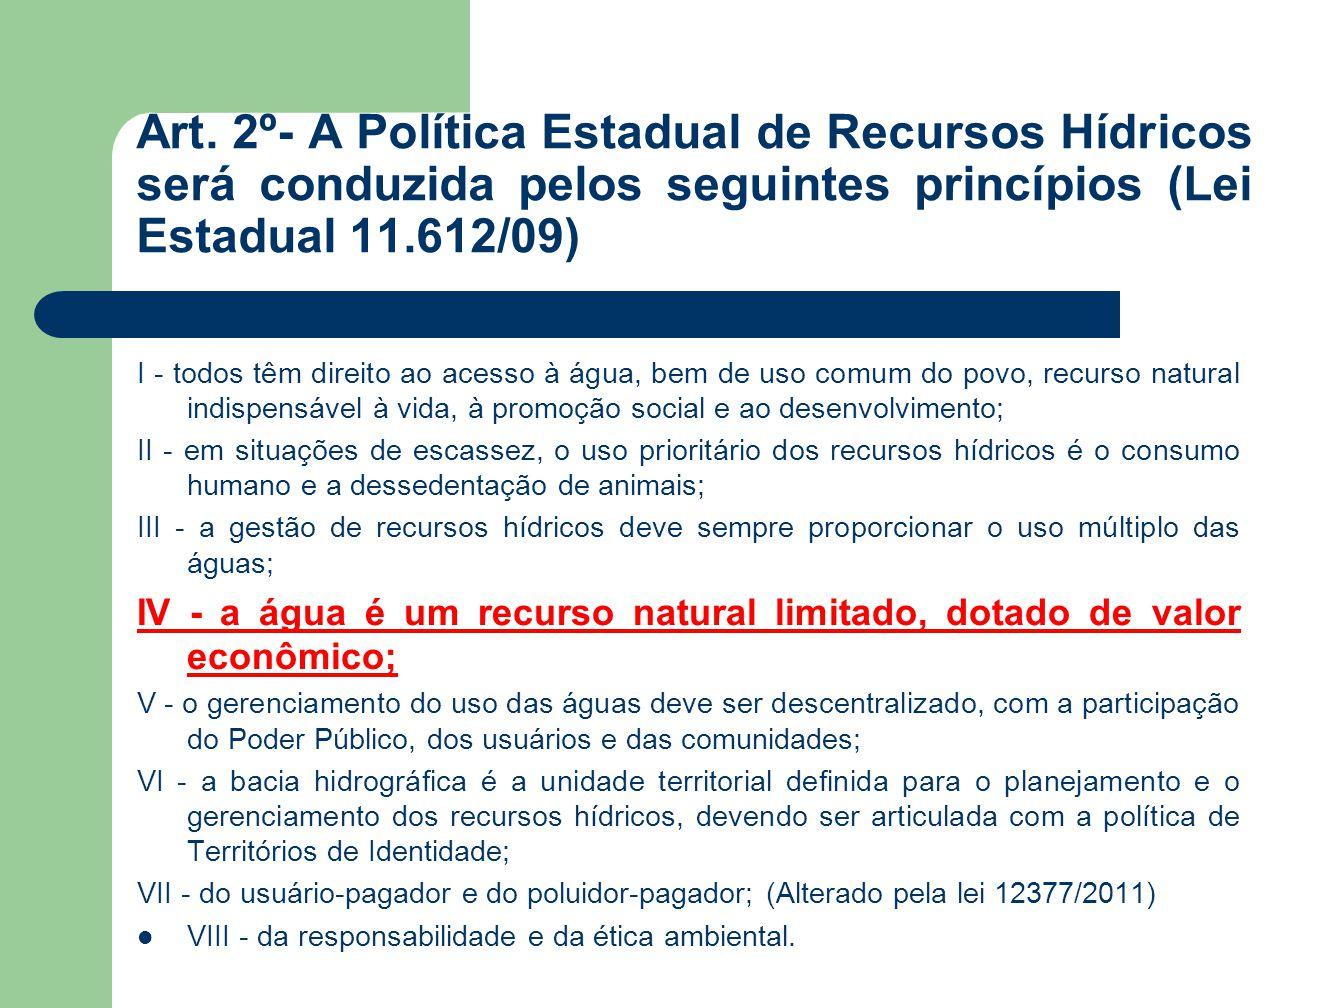 Art. 2º- A Política Estadual de Recursos Hídricos será conduzida pelos seguintes princípios (Lei Estadual 11.612/09) I - todos têm direito ao acesso à